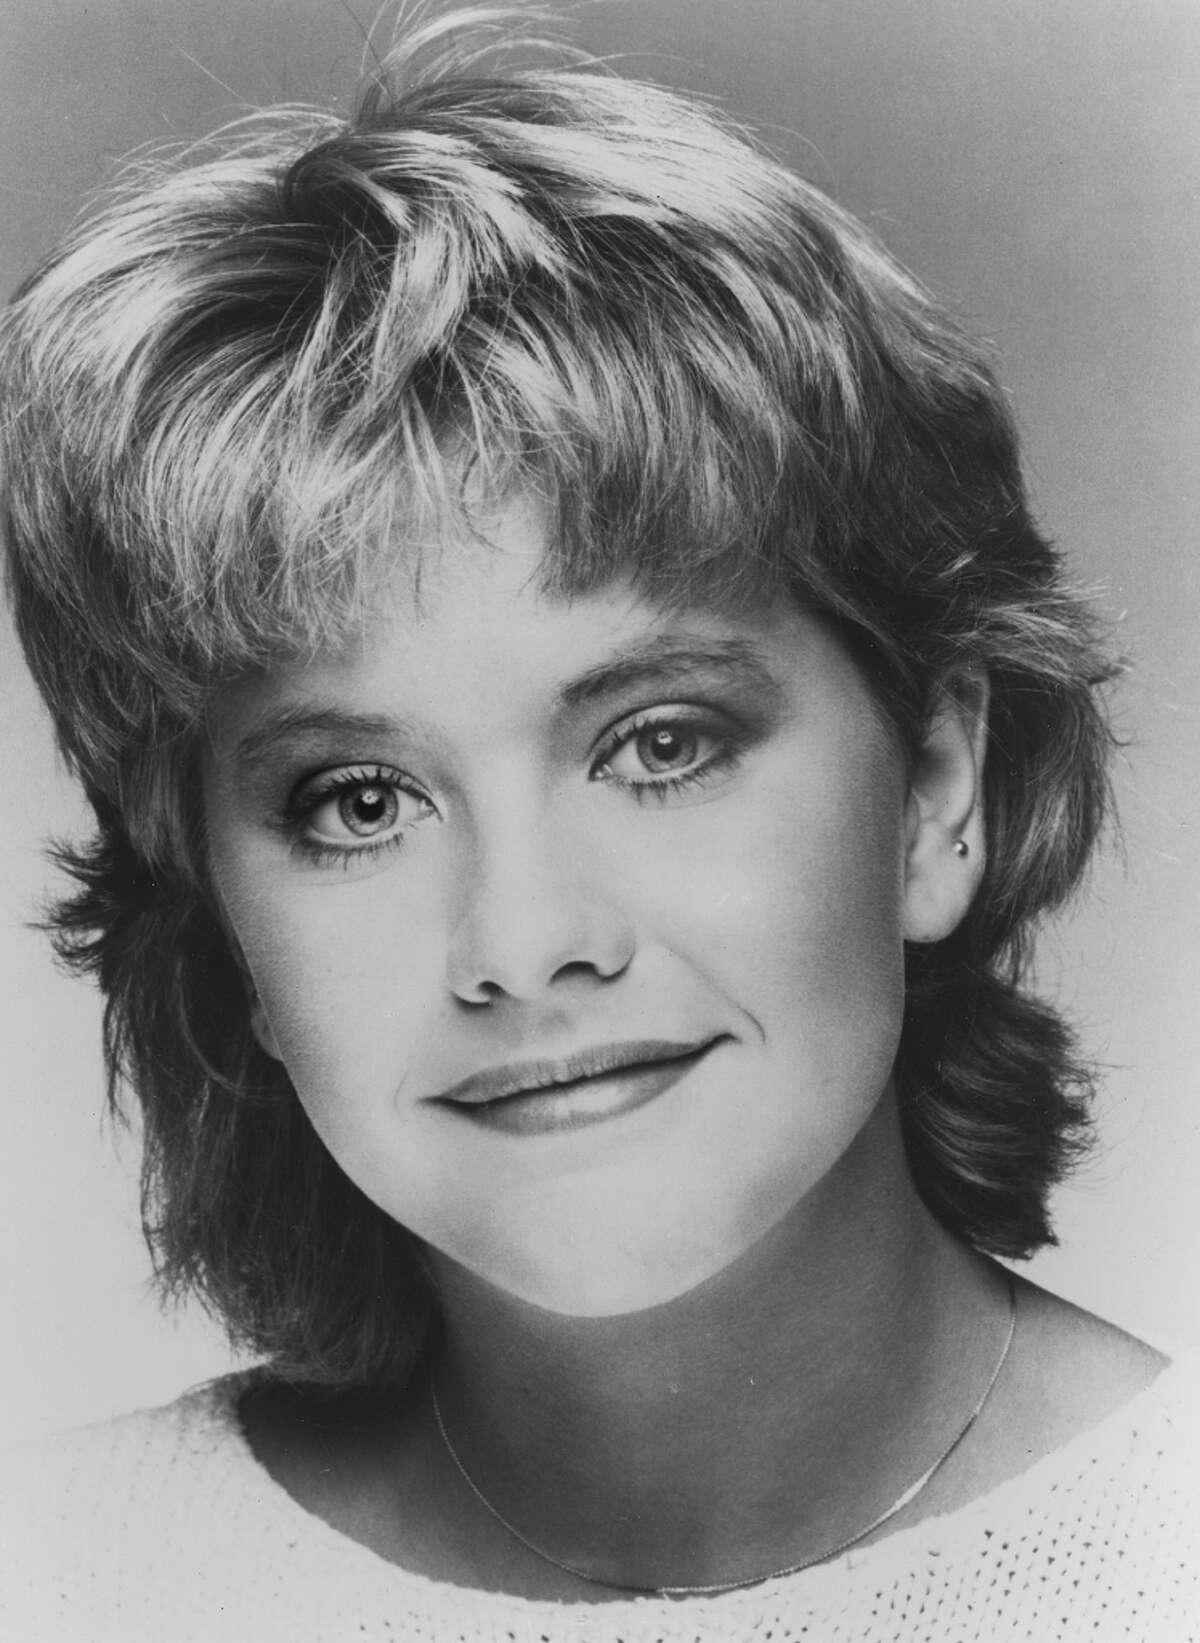 Meg Ryan in 1984.